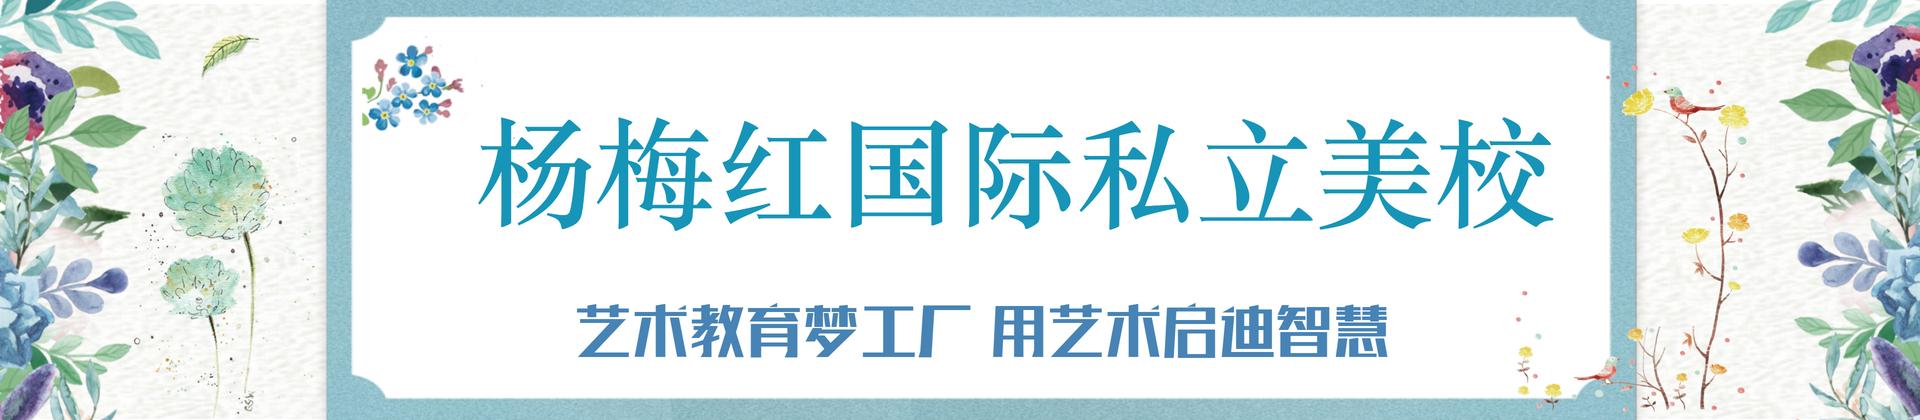 合肥银泰城杨梅红国际私立美校